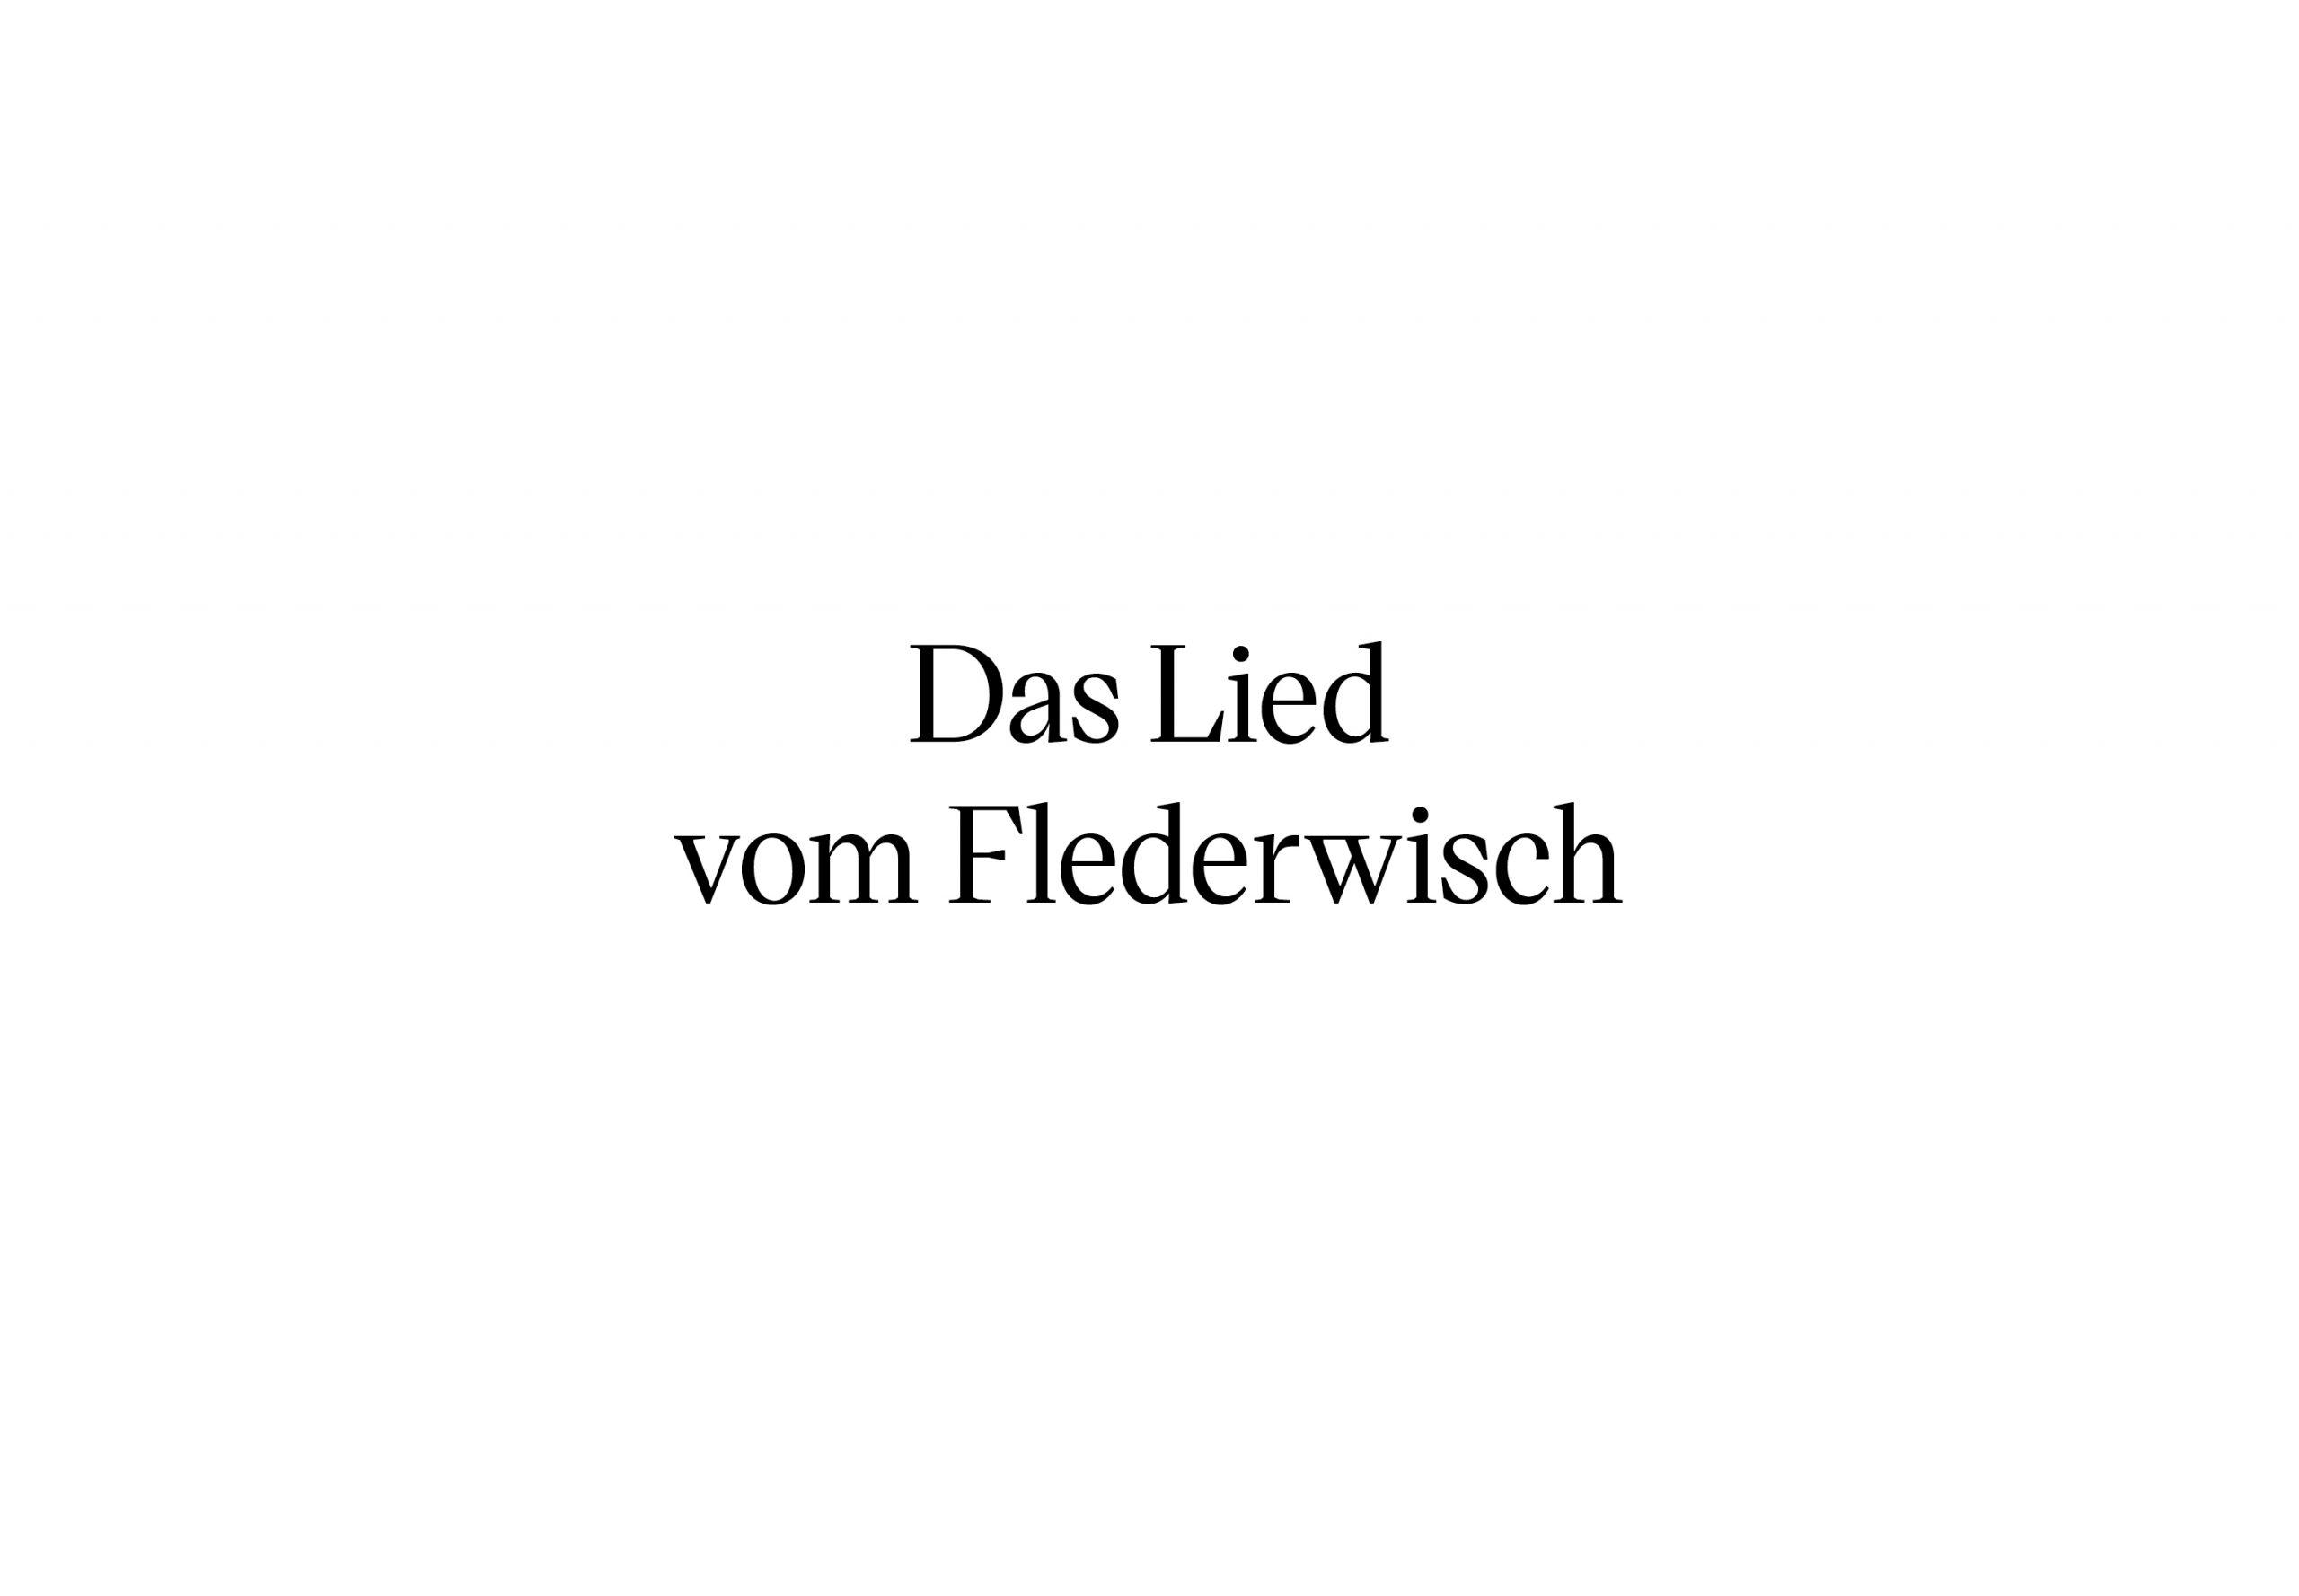 Flederwisch